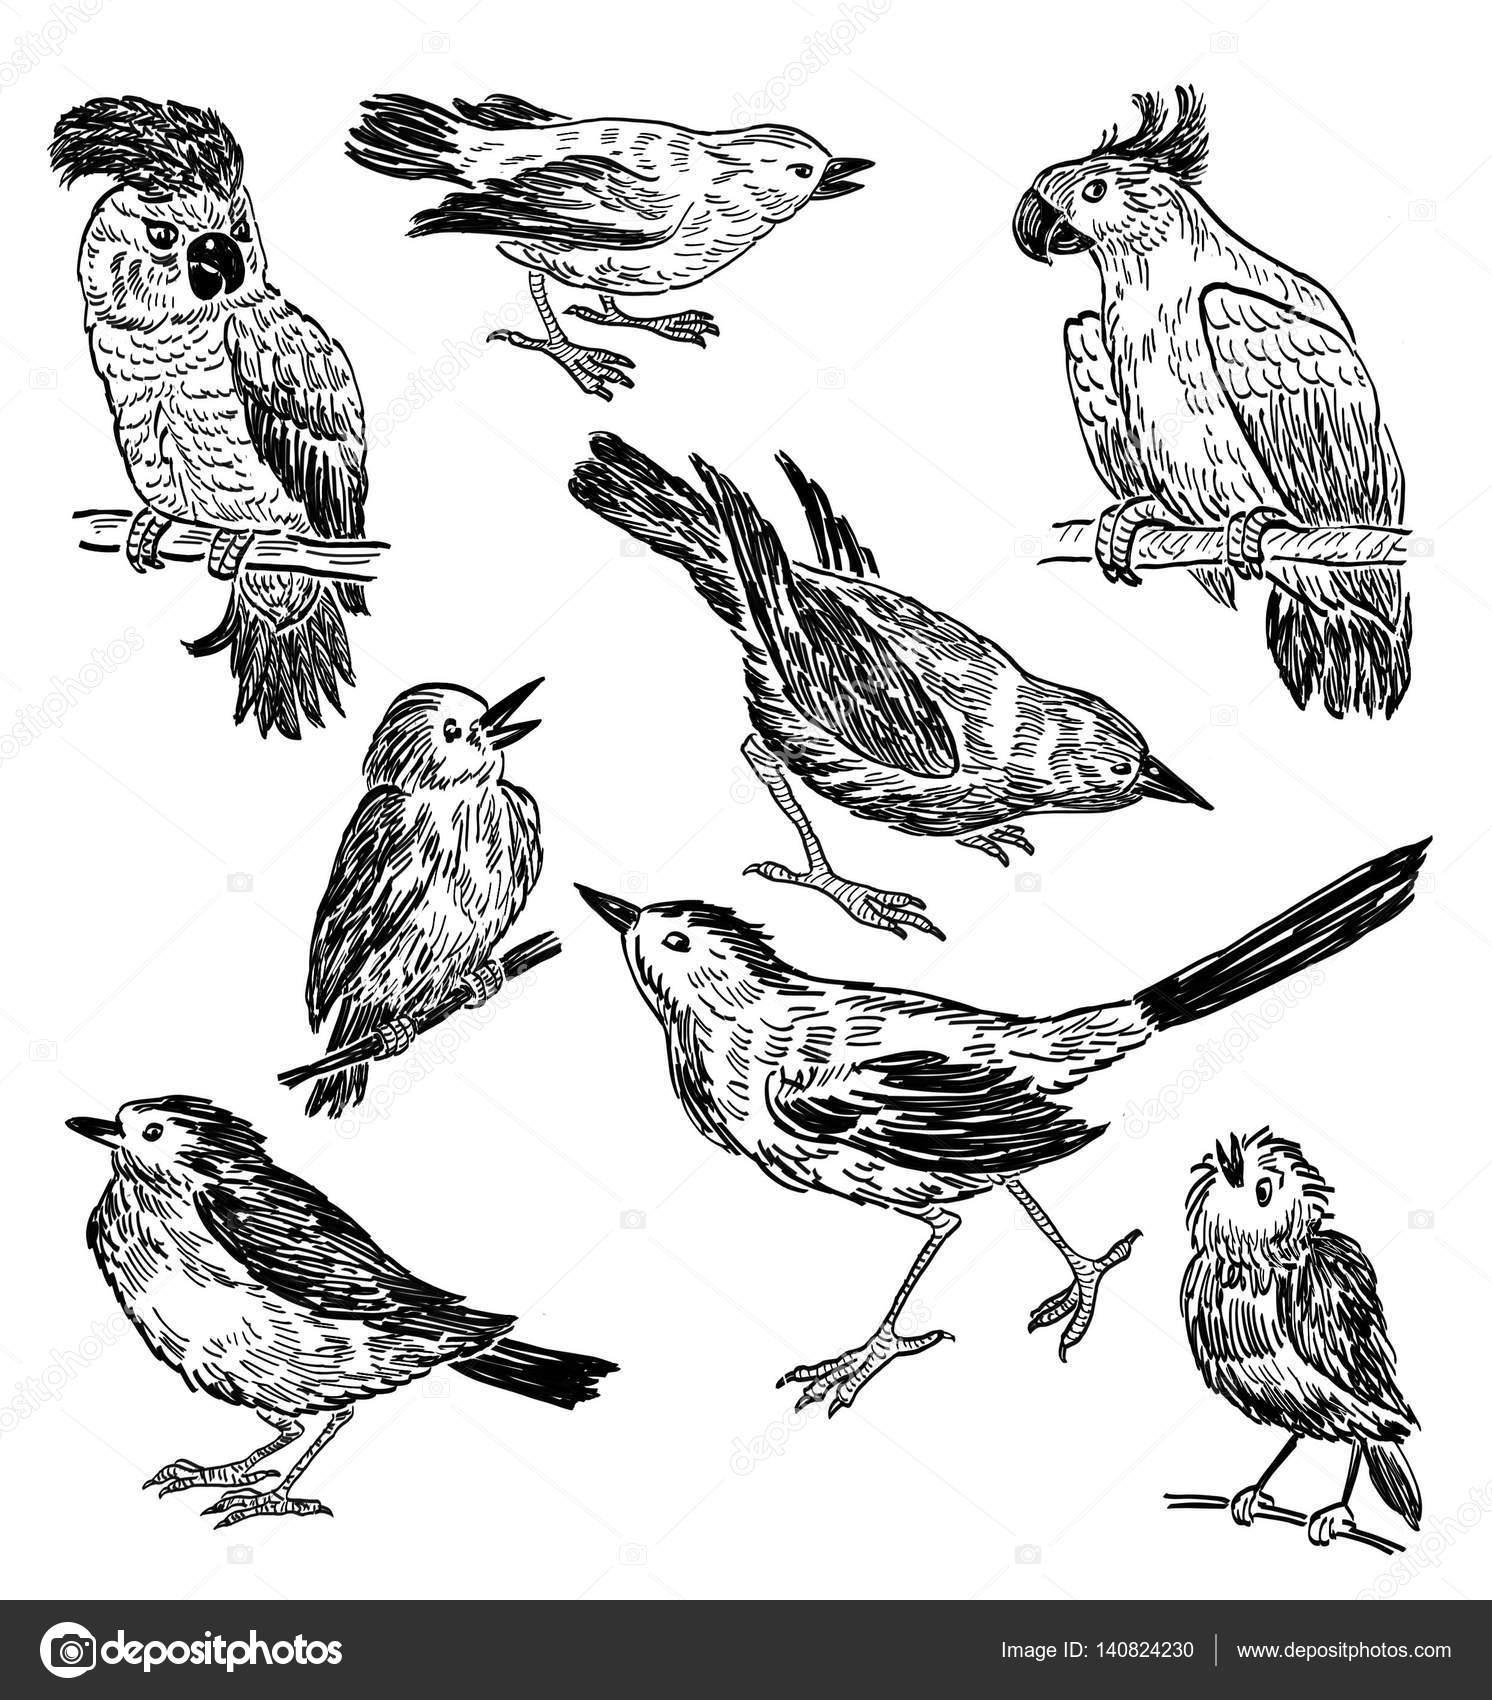 Disegni a matita di diversi uccelli selvatici foto stock - Semplici disegni di uccelli ...